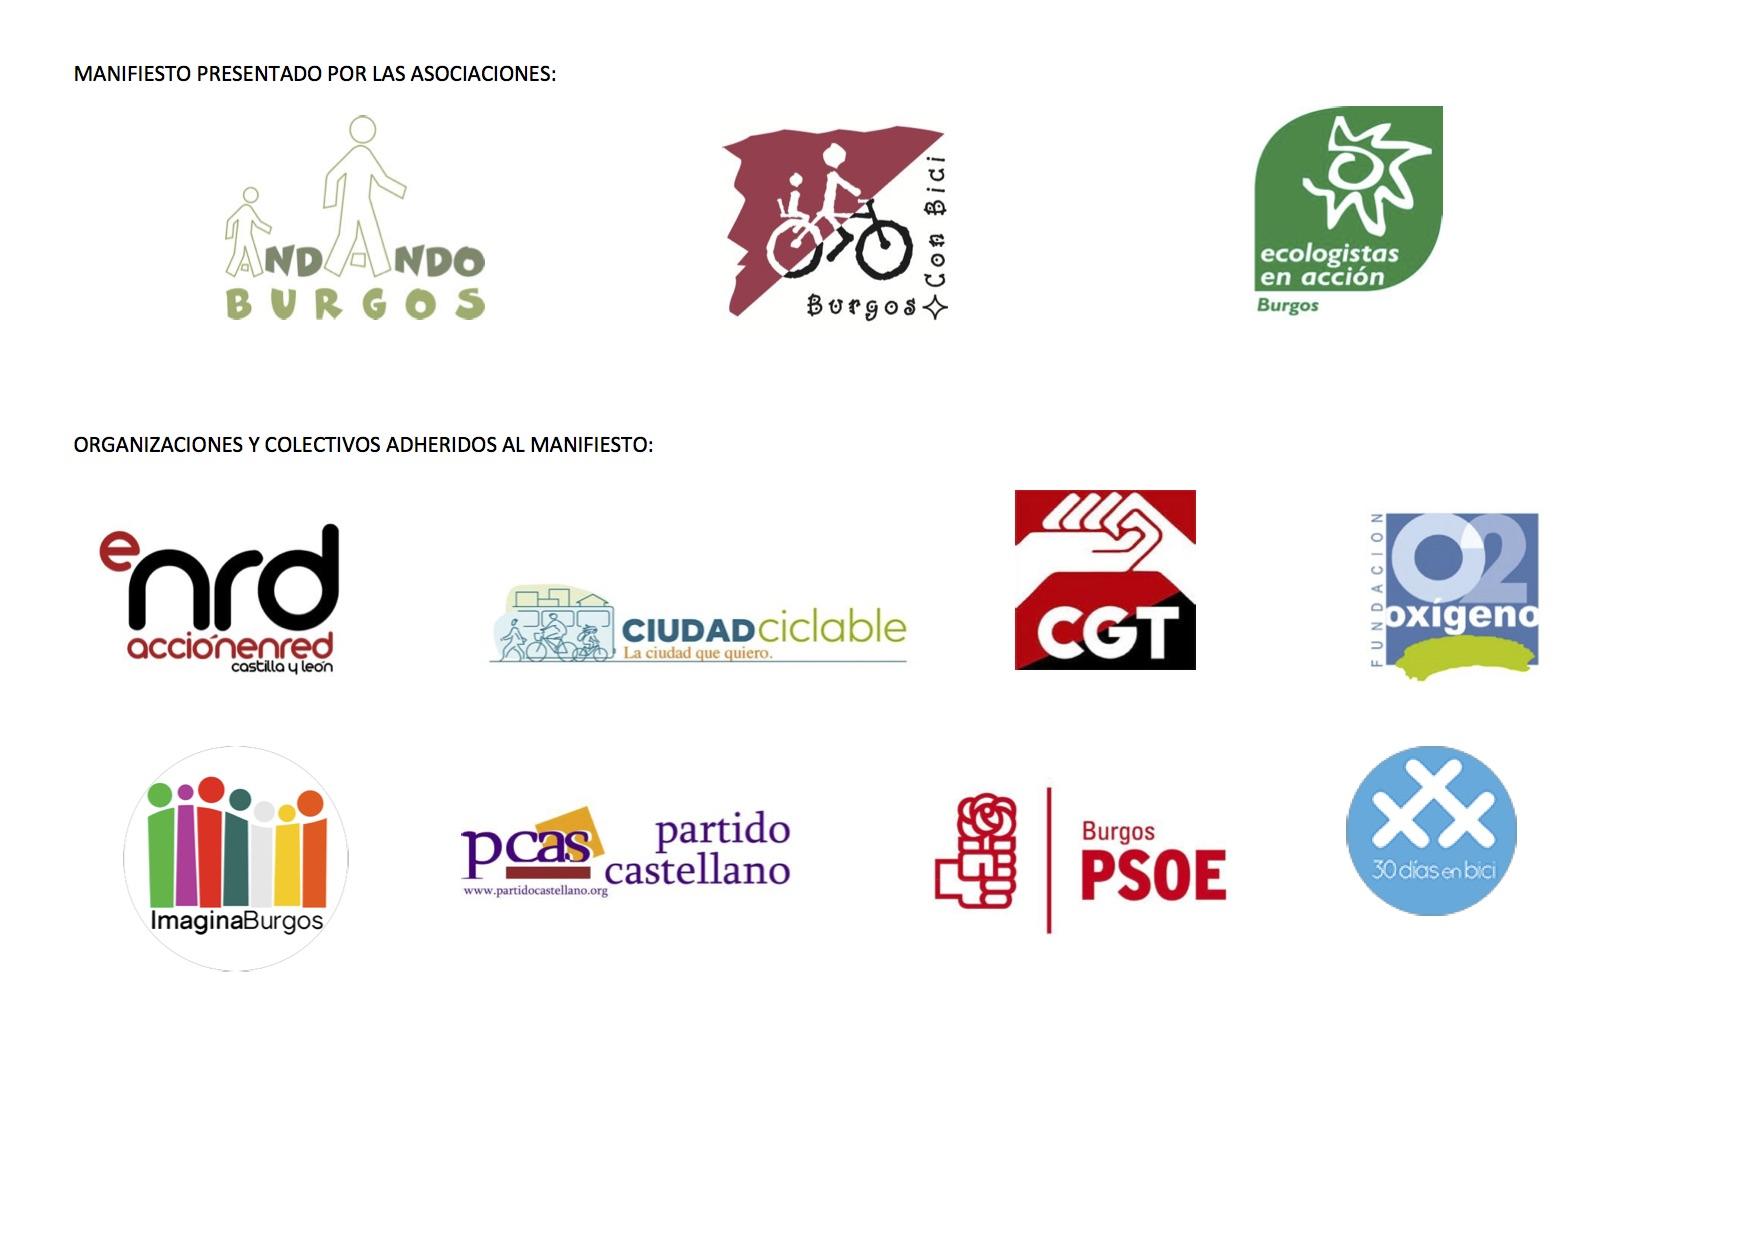 Logos de organizaciones que se adhieren al manifiesto